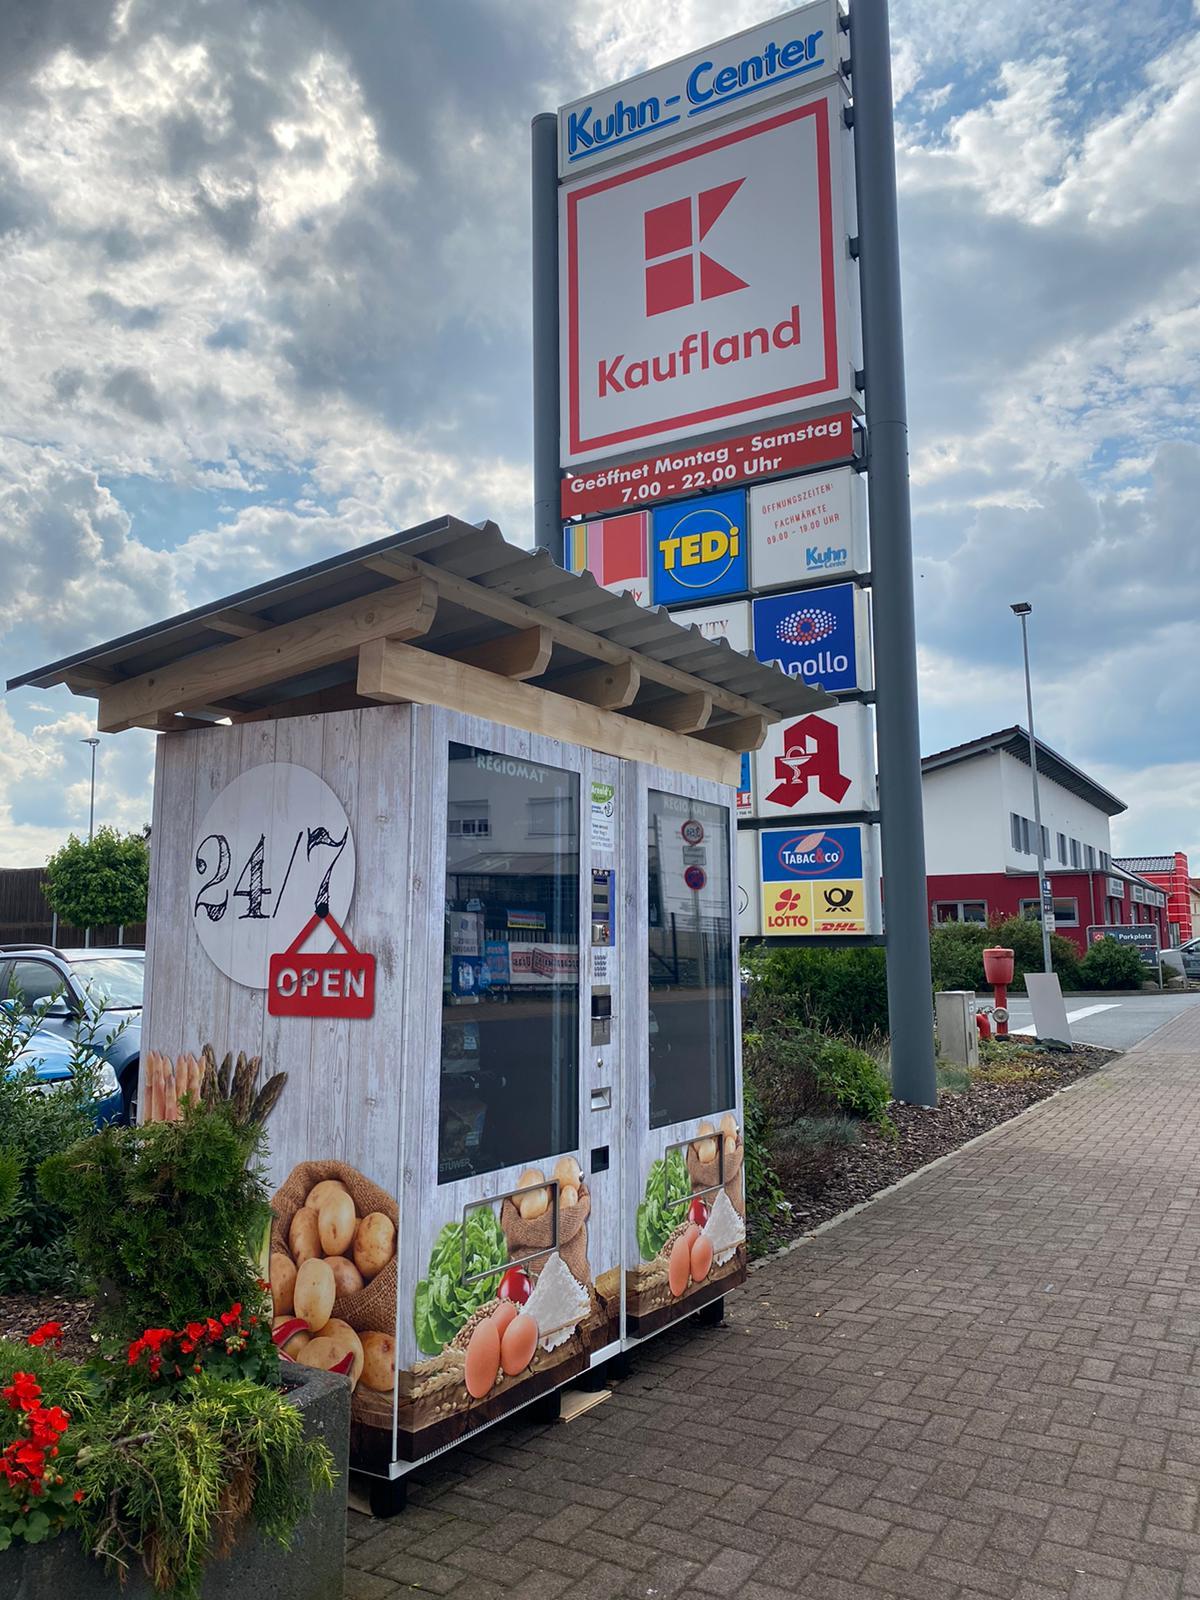 Anhold`s Regiomat mit regionalen Produkten